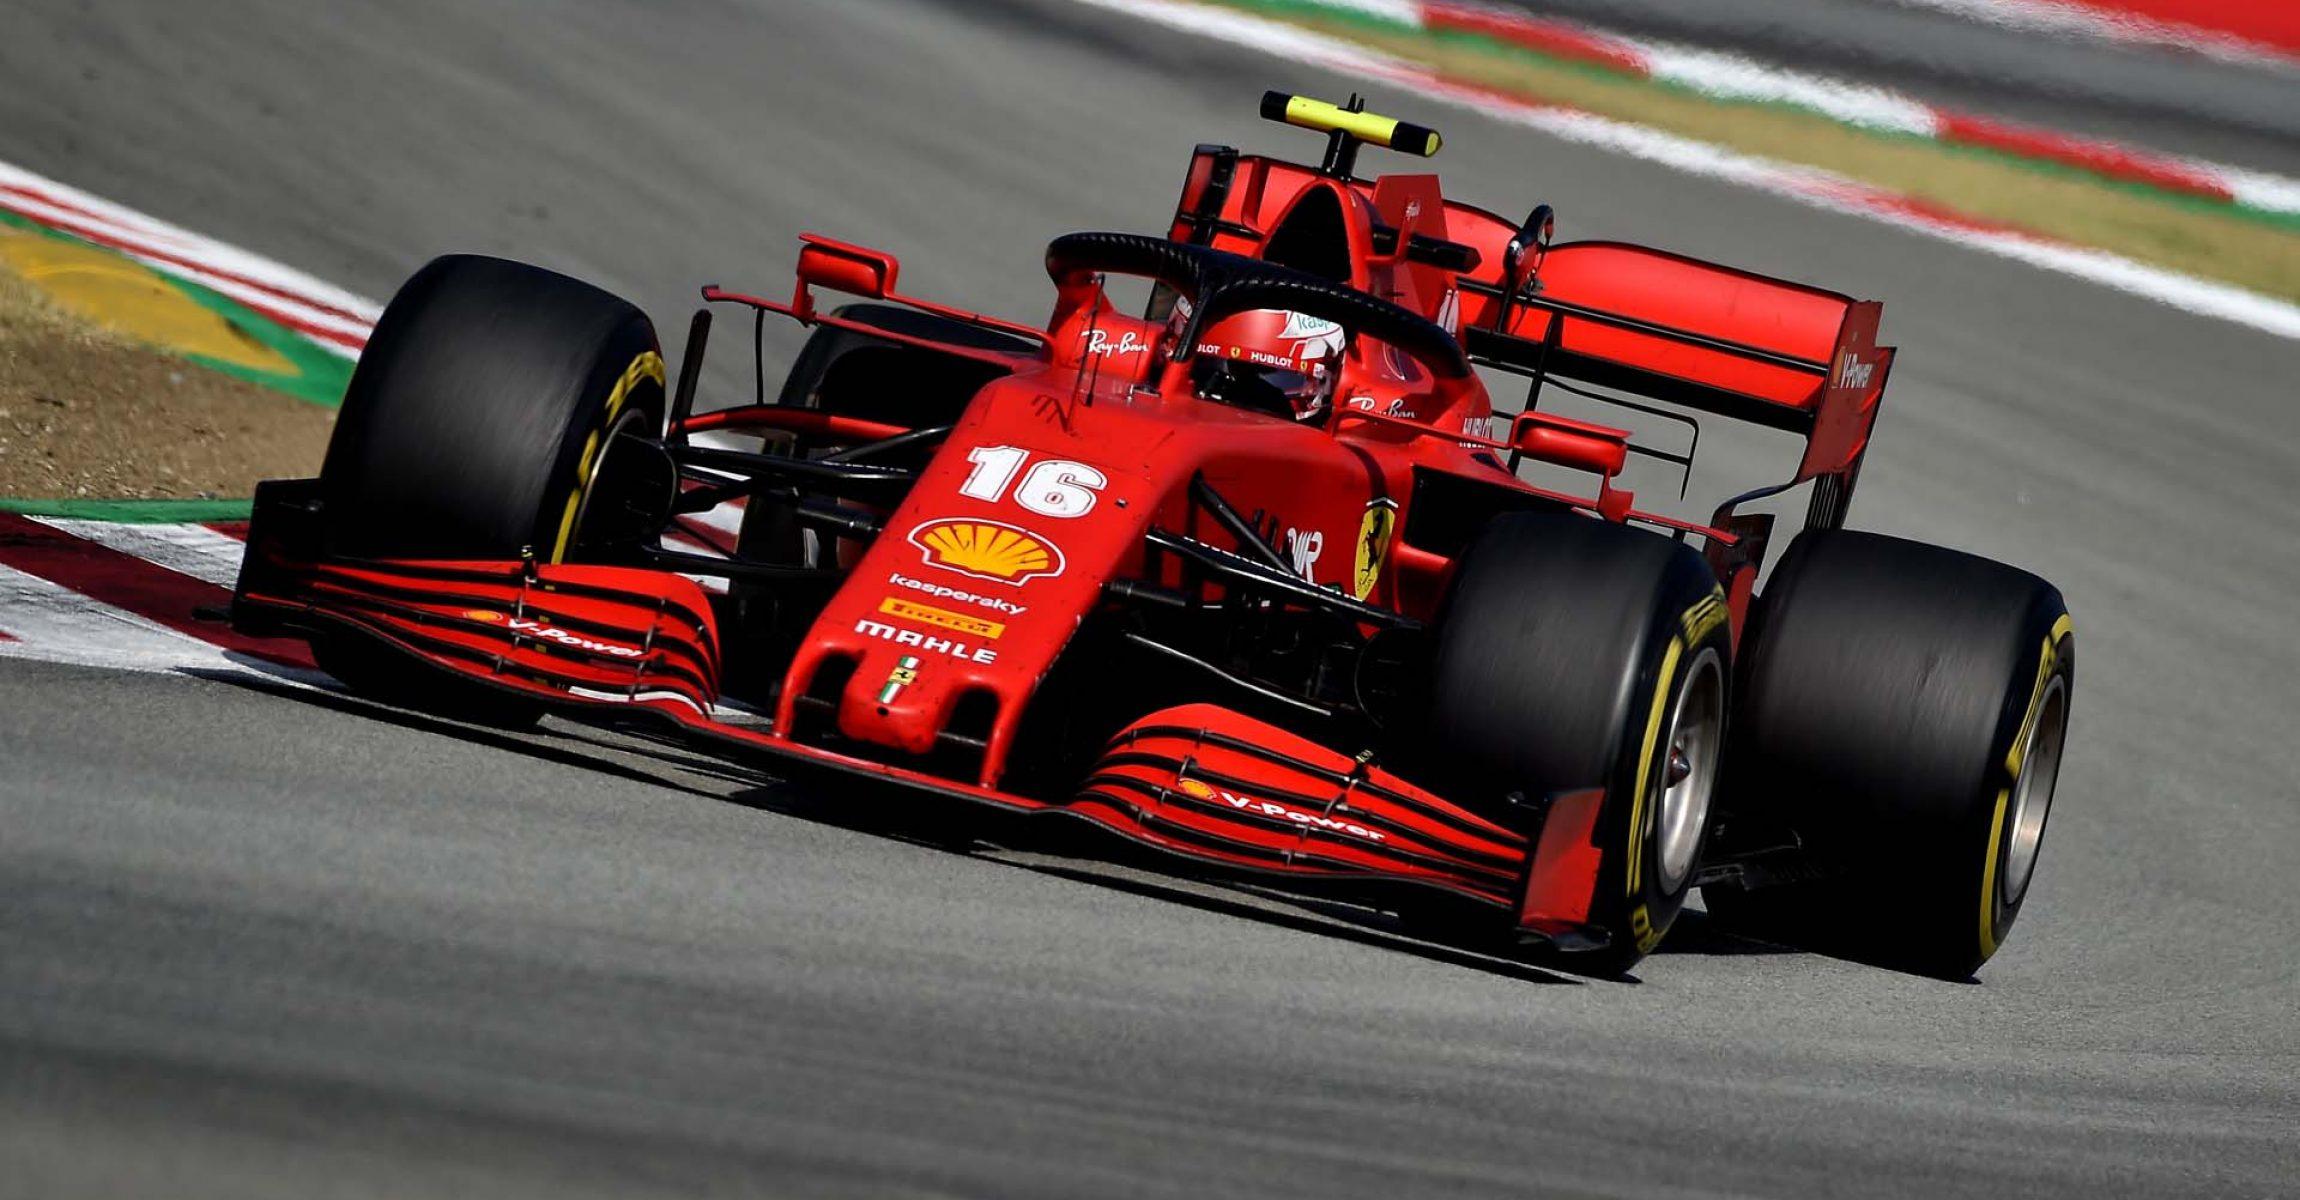 GP SPAGNA F1/2020 -  DOMENICA 16/08/2020   credit: @Scuderia Ferrari Press Office Charles Leclerc